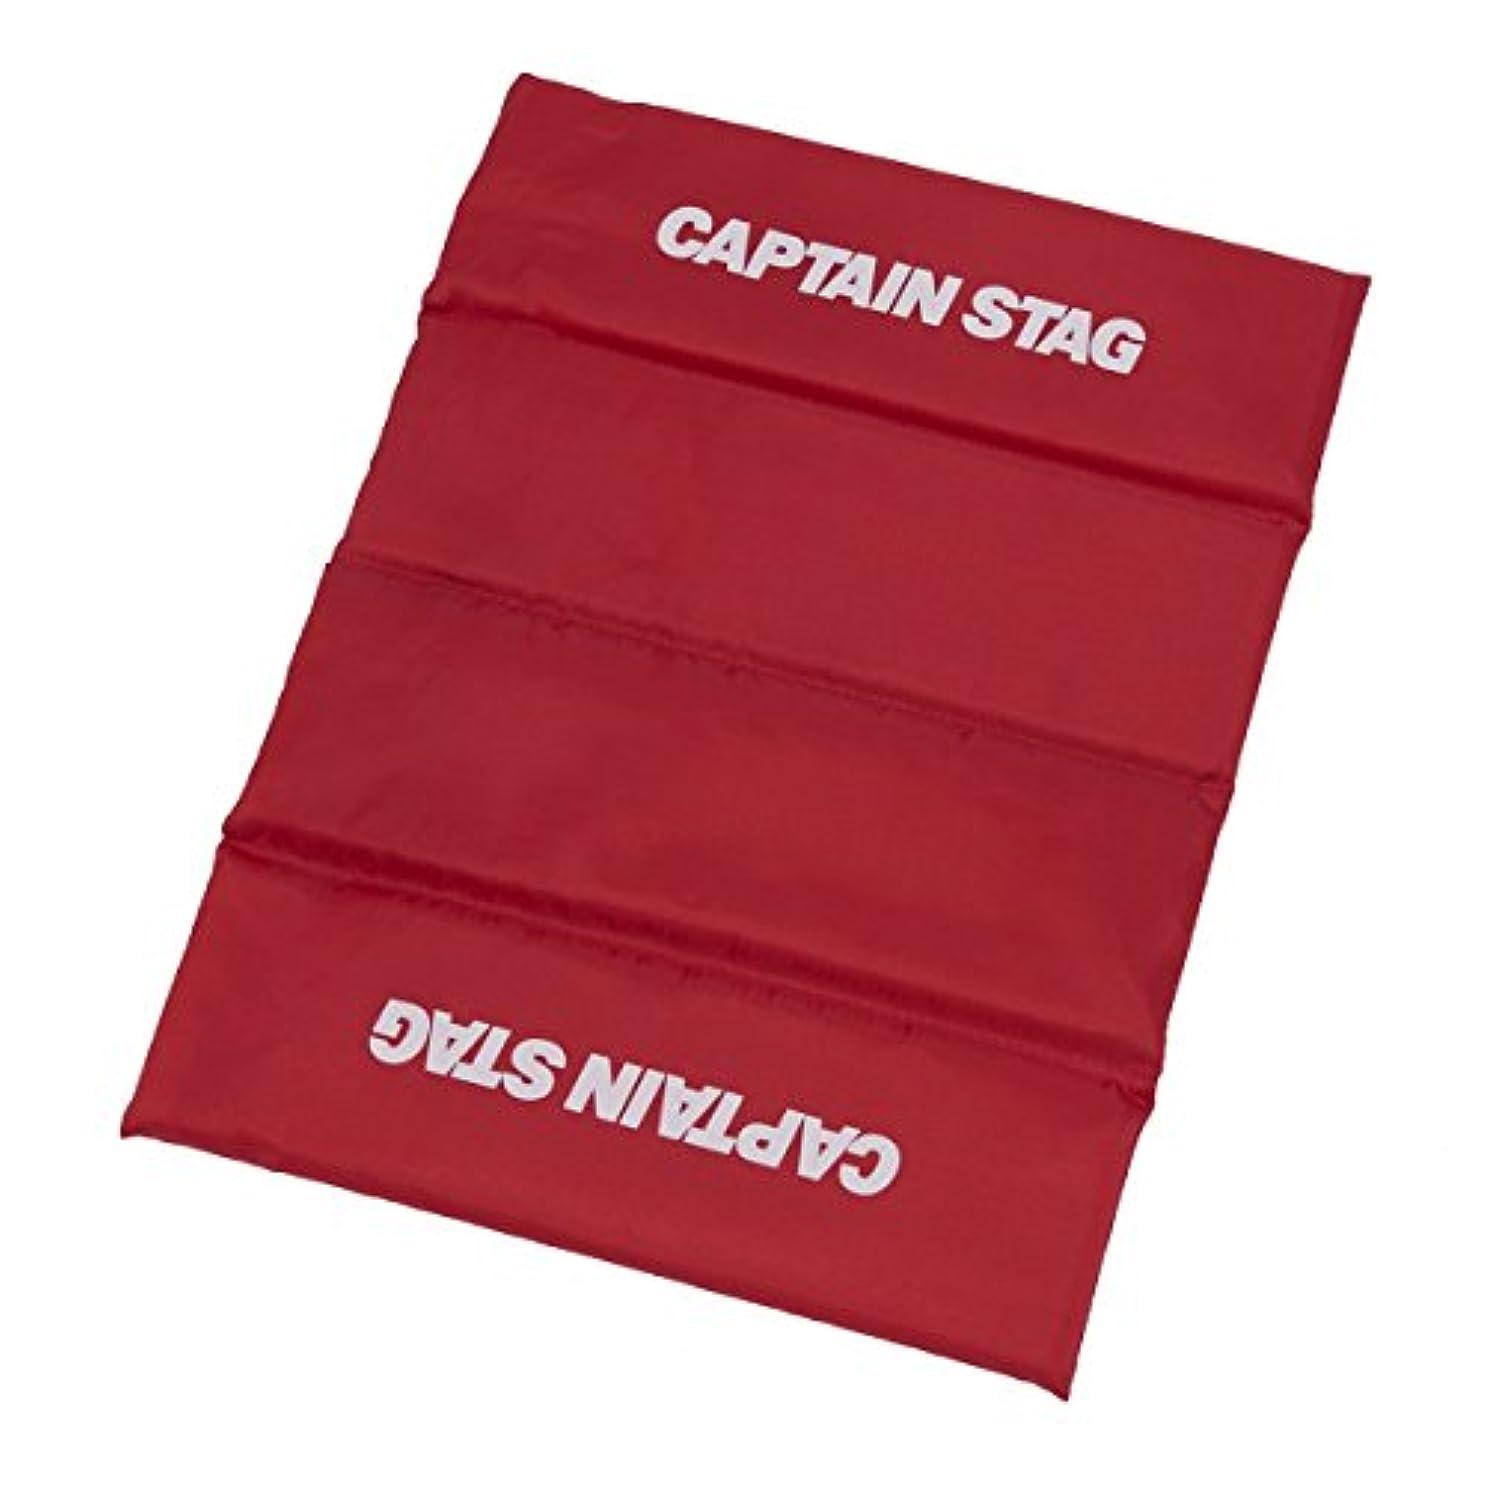 ソフィー首尾一貫した覚えているキャプテンスタッグ(CAPTAIN STAG) クッション 折りたたみ FDザブトン